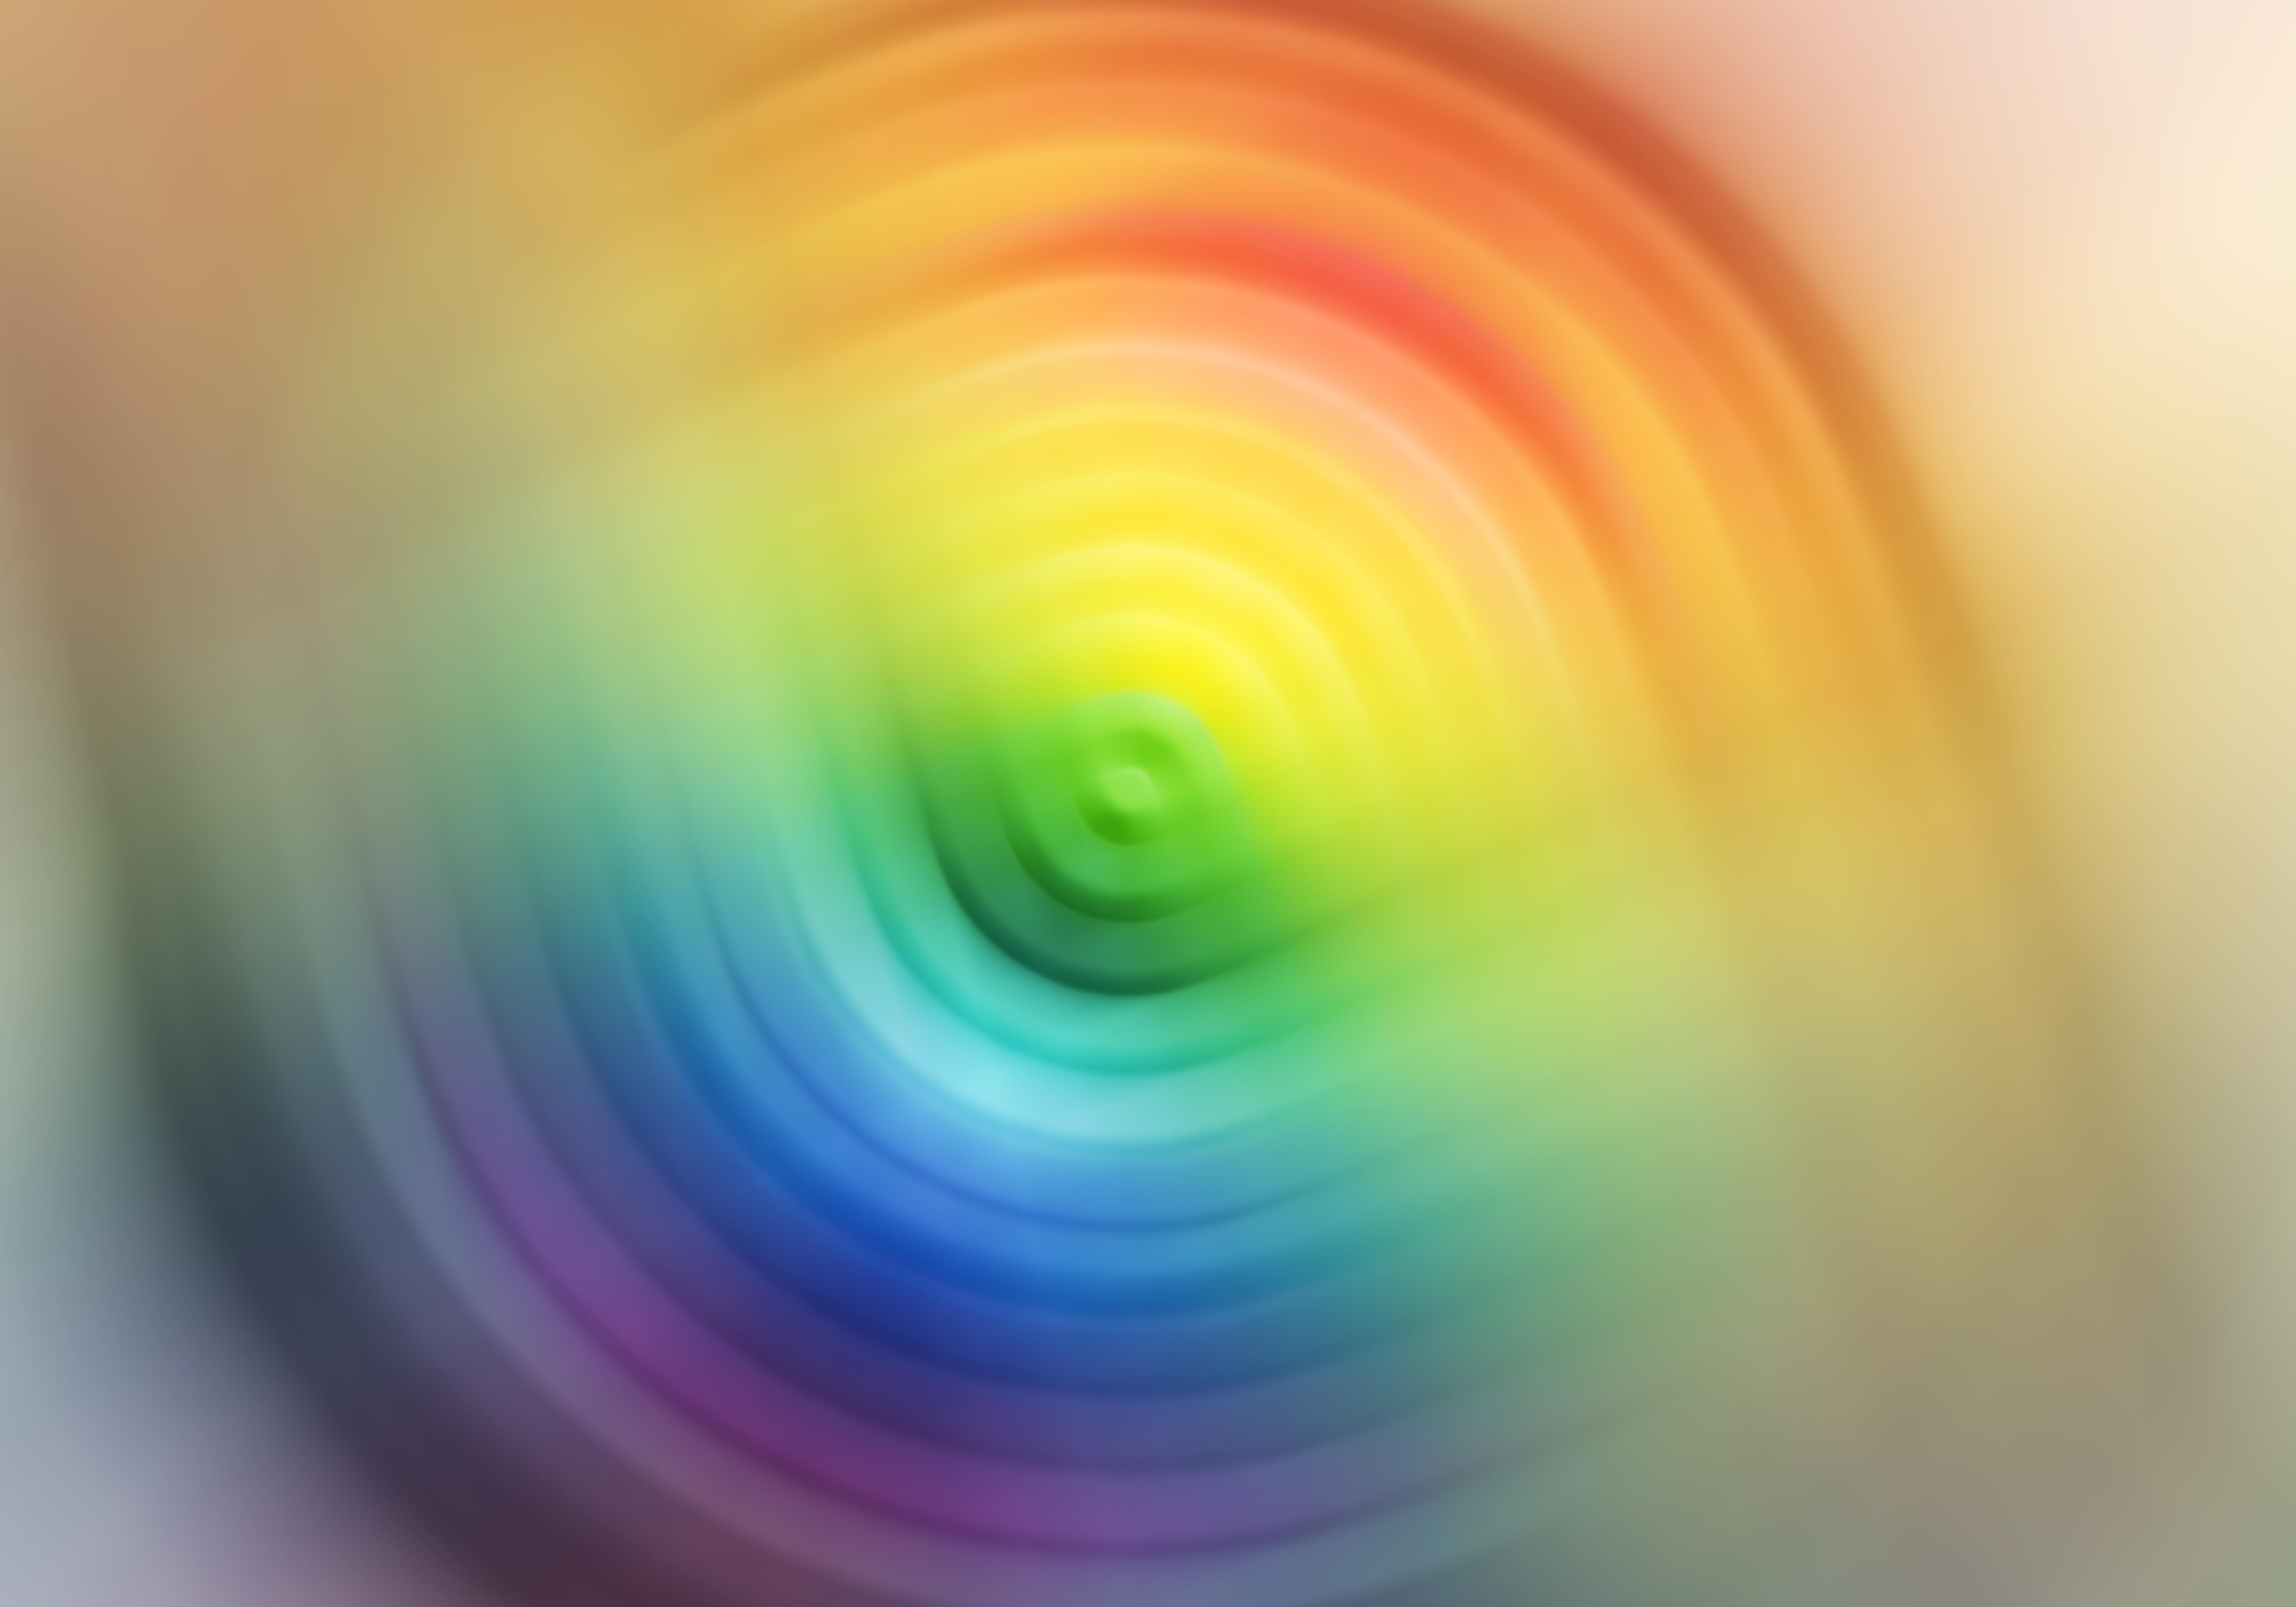 El espacio-tiempo forma una especie de arco iris, según la Universidad de Varsovia. Imagen: Aurelio Scetta. Fuente: Free Images.